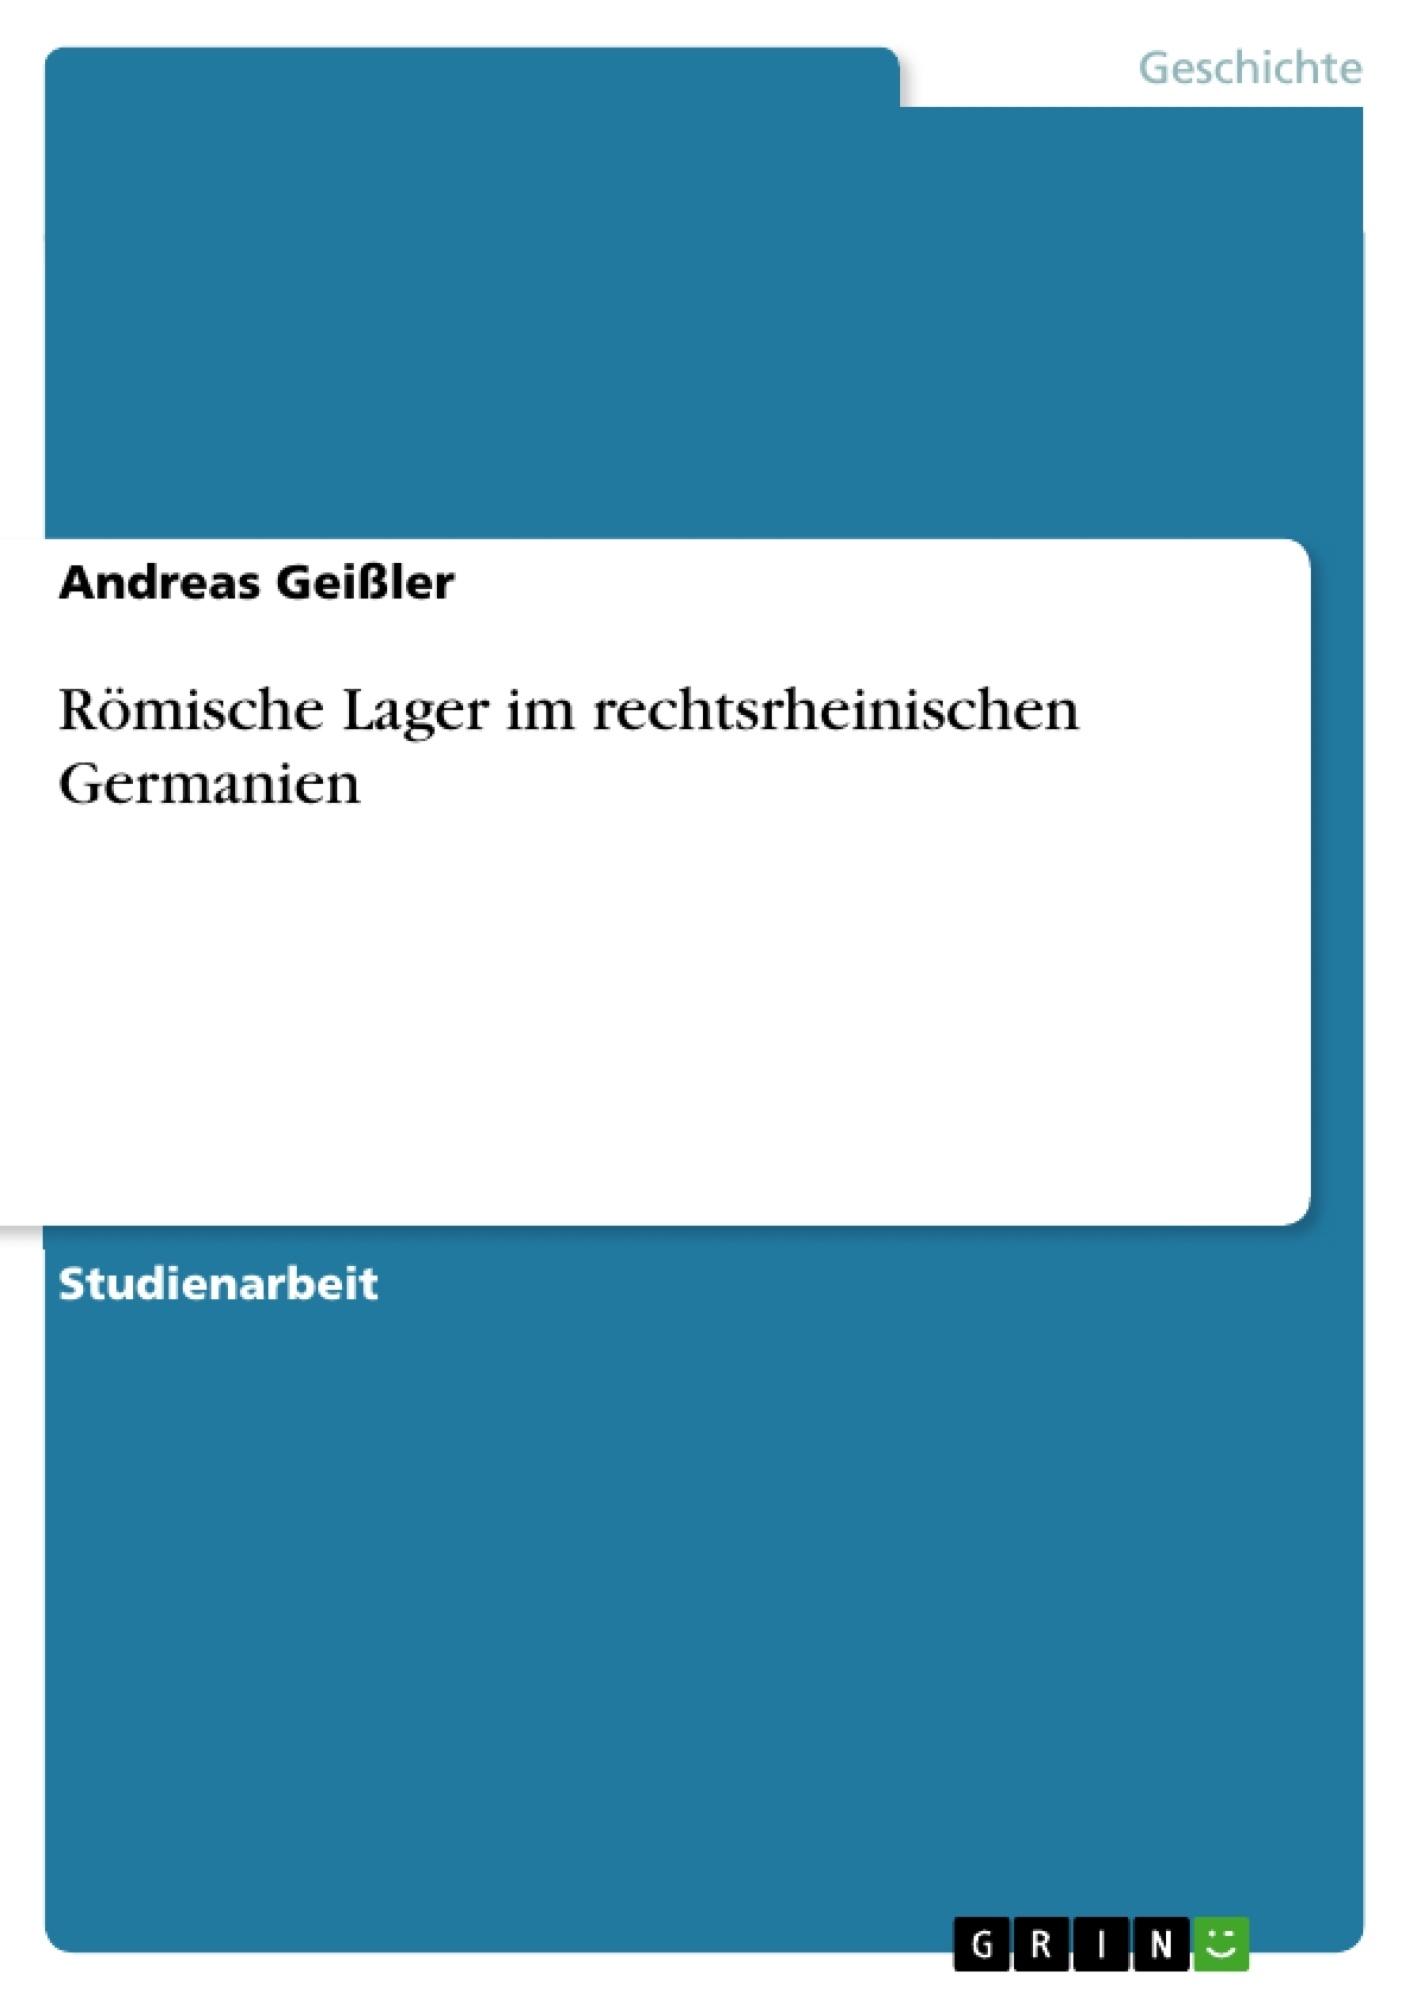 Titel: Römische Lager im rechtsrheinischen Germanien